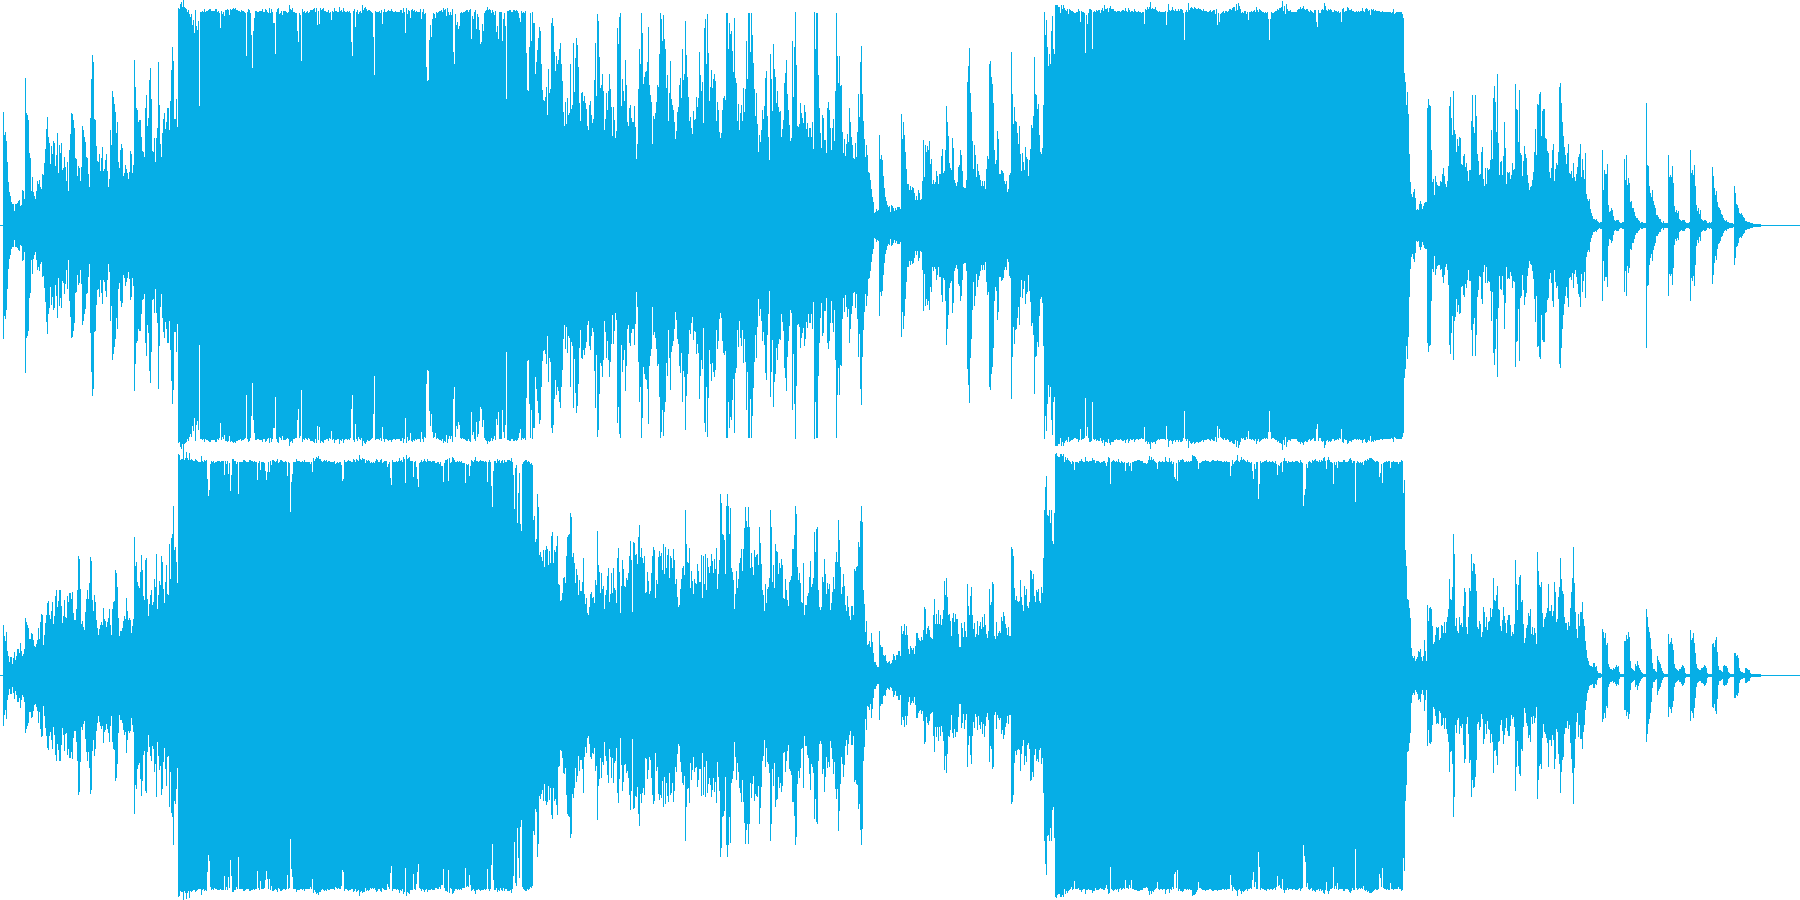 荒ぶる幻想的なピアノアンビエントロックの再生済みの波形